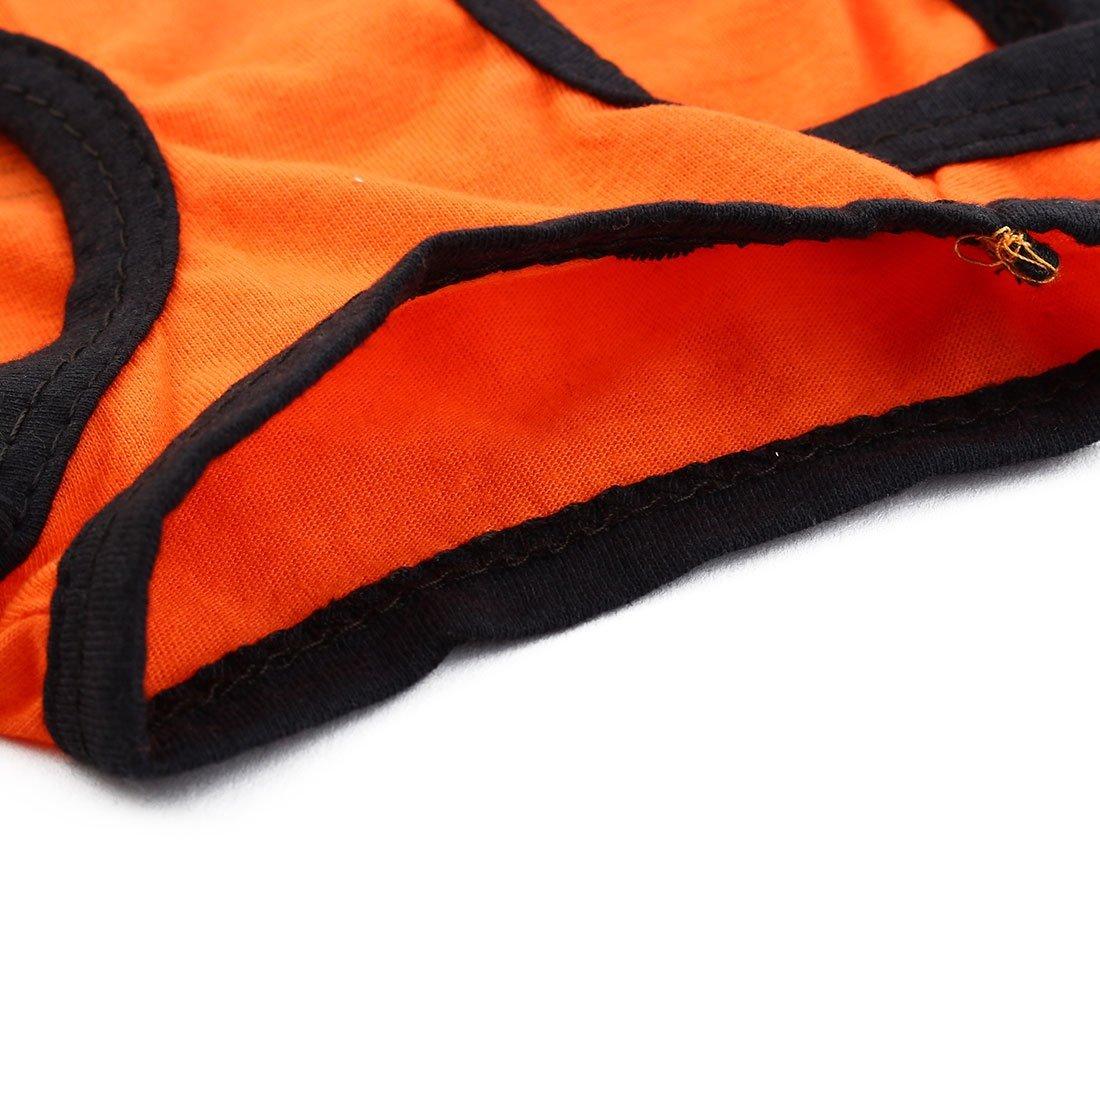 Amazon.com : eDealMax VIP impresión, perrito del Traje de la capa del Verano, ropa Para mascotas, perro pequeño gato del Chaleco de la Camiseta de la ...